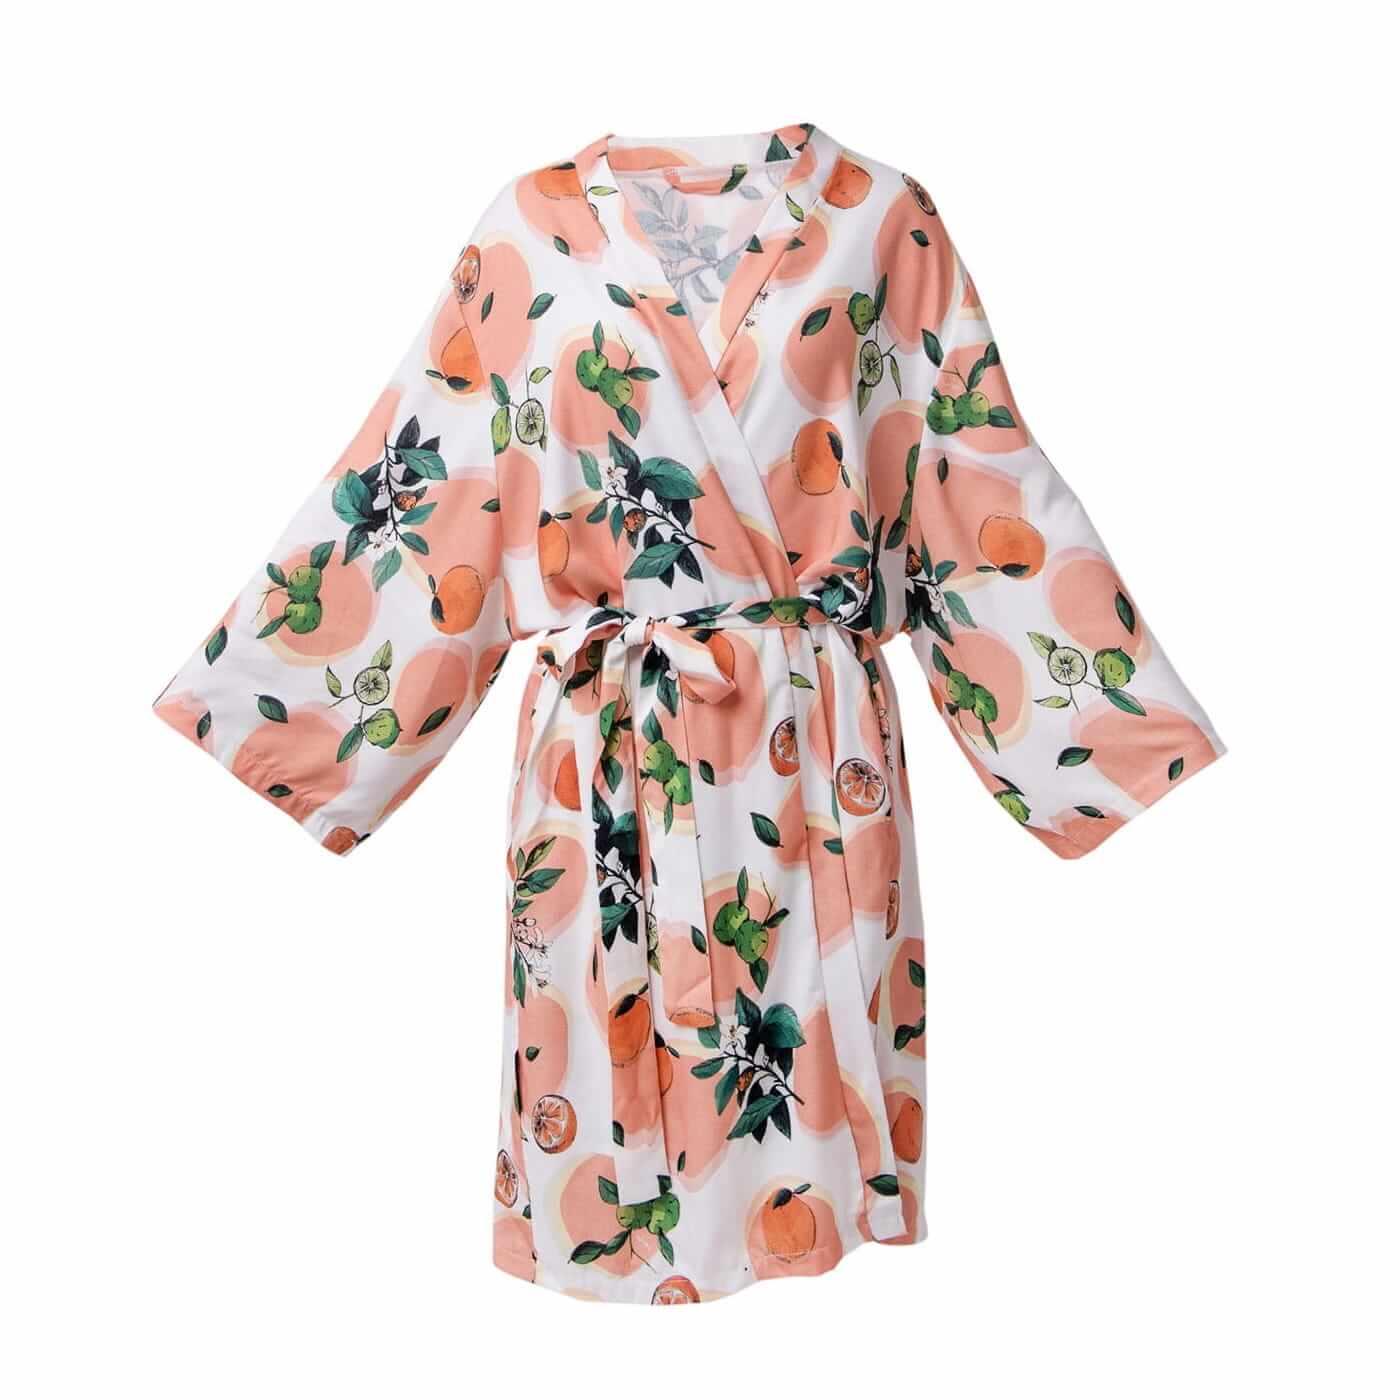 LULLALOVE Bamboo Kimono Orange Blossom | SoBio Beauty Boutique | Cruelty Free Concept Store